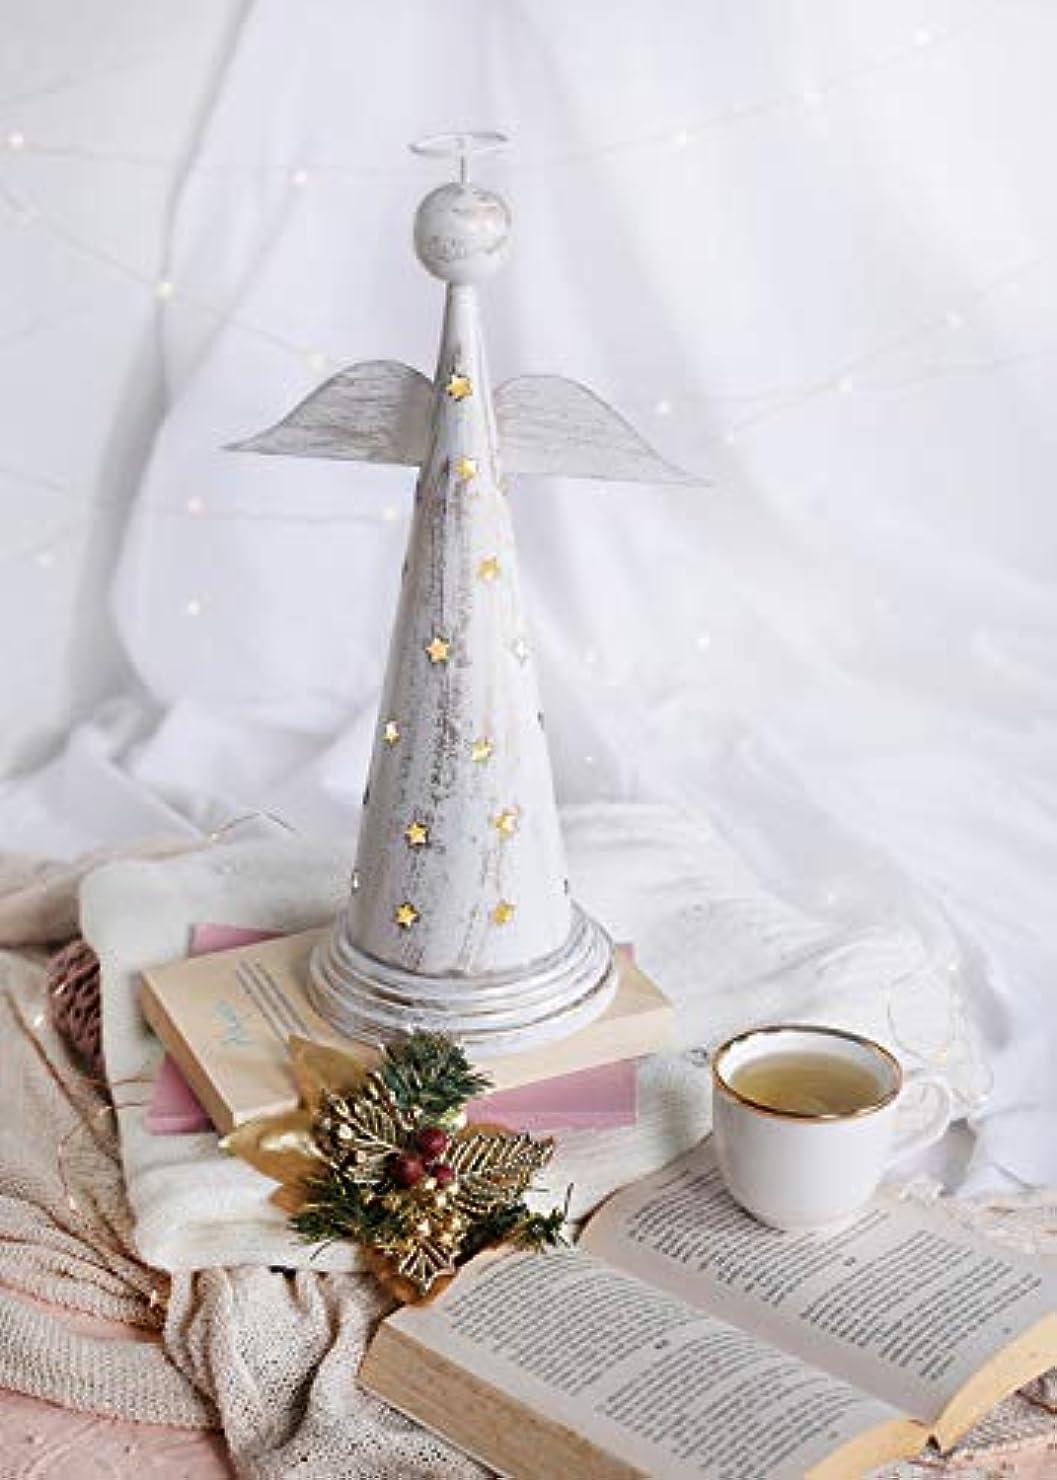 壁紙絡まる季節storeindya 感謝祭ギフト 天使の形をした金属製お香塔 クリスマス ホームデコレーション アクセサリーオーナメント 新築祝いのギフトに最適